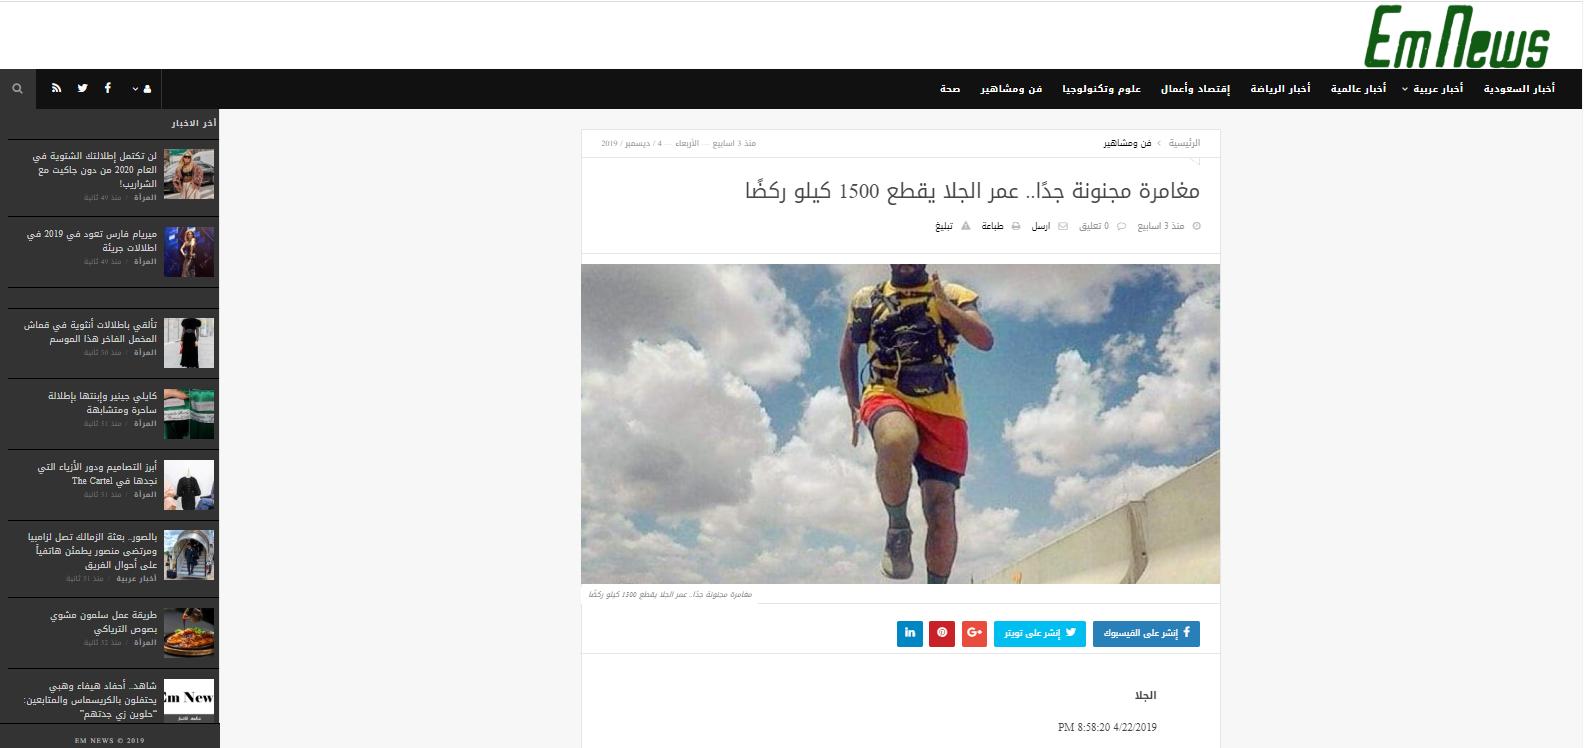 Em News